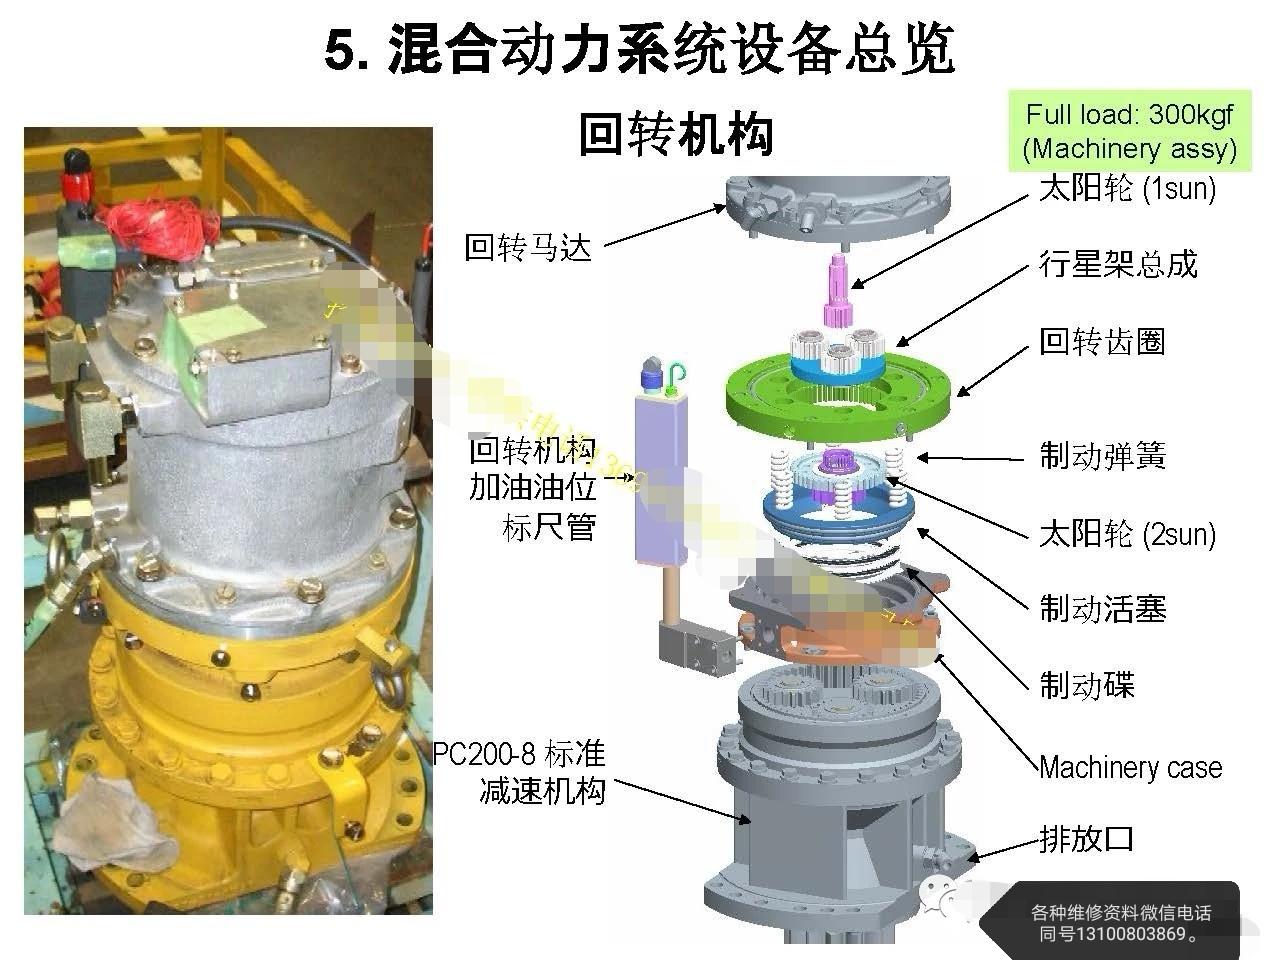 小松混合动力型挖掘机旋转过慢的故障维修